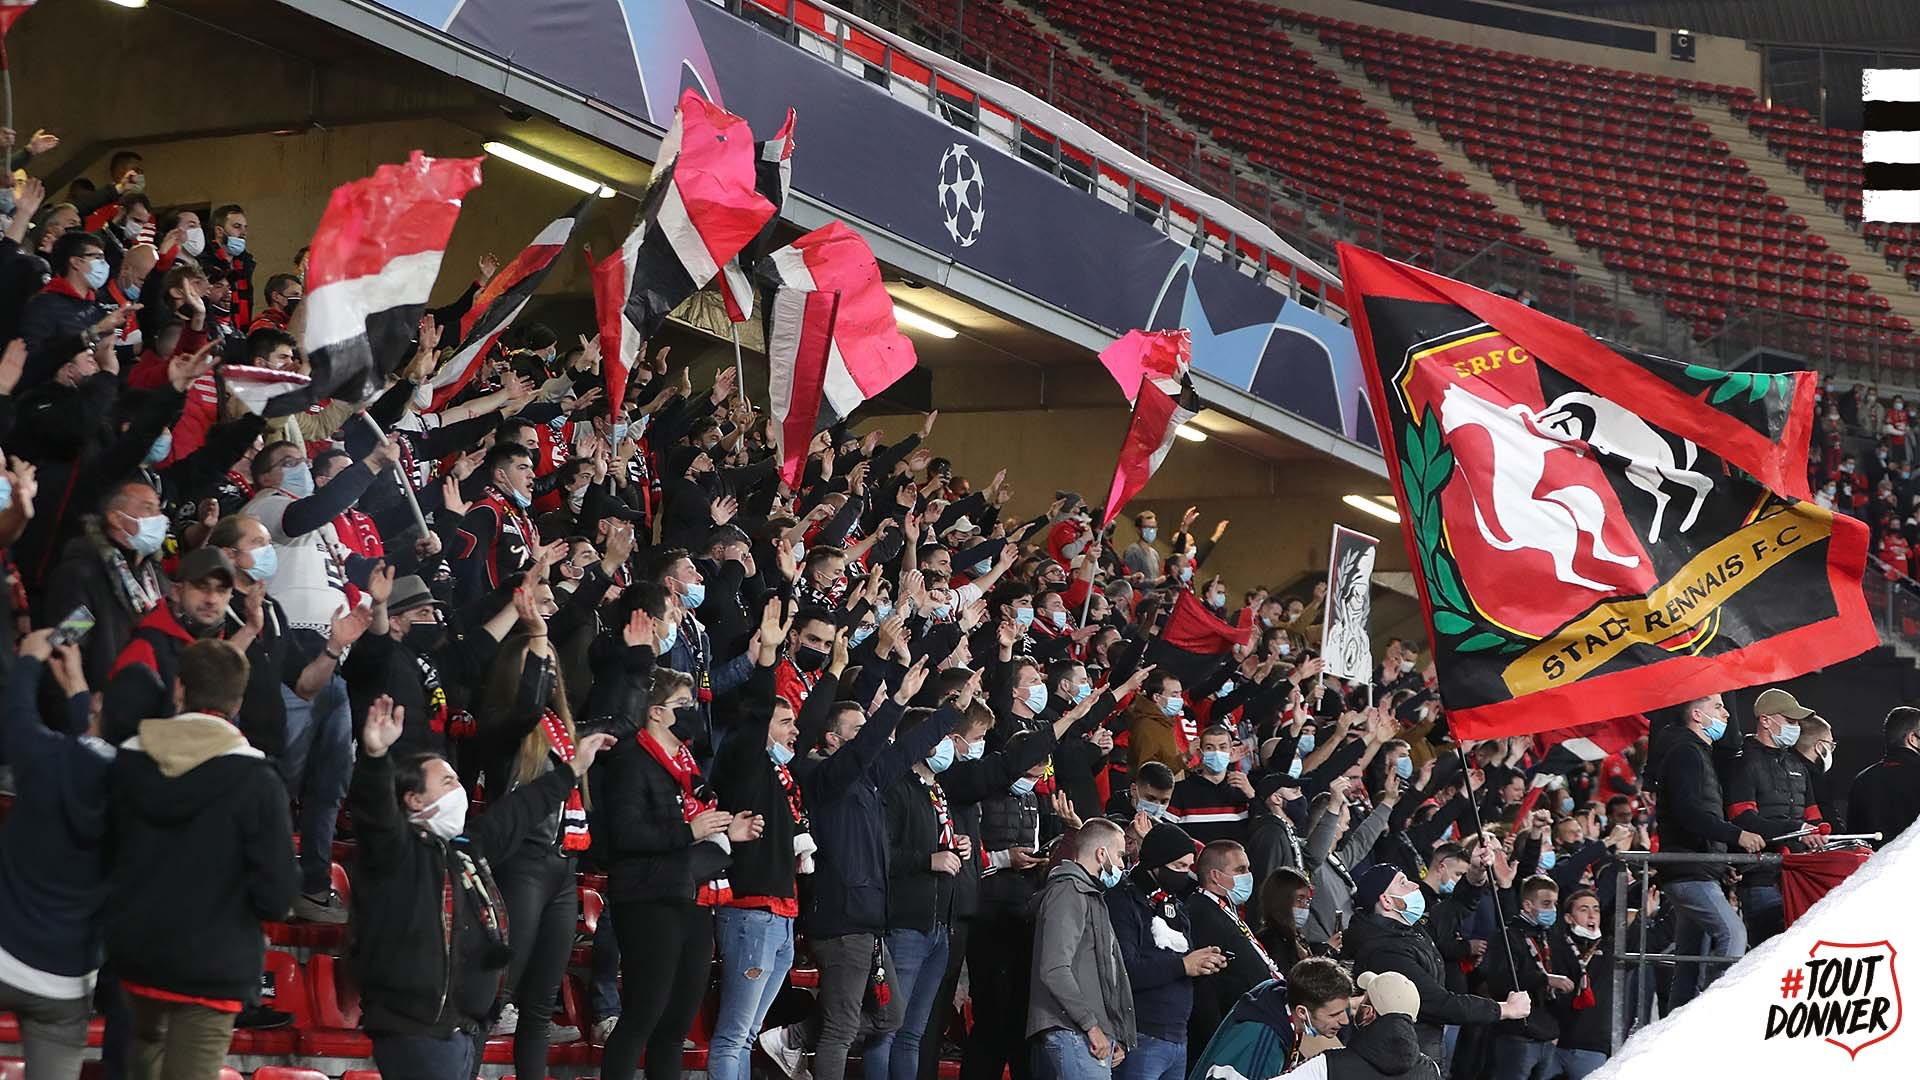 L&#39;Uefa ha annunciato l&#39;apertura di una procedura disciplinare nei confronti del Rennes per il non rispetto delle norme anti-Covid relative al ritorno del pubblico negli stadi. La gara incriminata &egrave;&nbsp;quella fra la formazione francese ed i russi del Krasnodar di Champions League di marted&igrave;&nbsp;scorso, quando dei circa cinquemila spettatori ammessi allo stadio quasi tutti si erano &#39;ammassati&#39; in curva. La commissione disciplinare dell&#39;Uefa esaminer&agrave;&nbsp;il caso il prossimo 10 novembre.<br /><br />